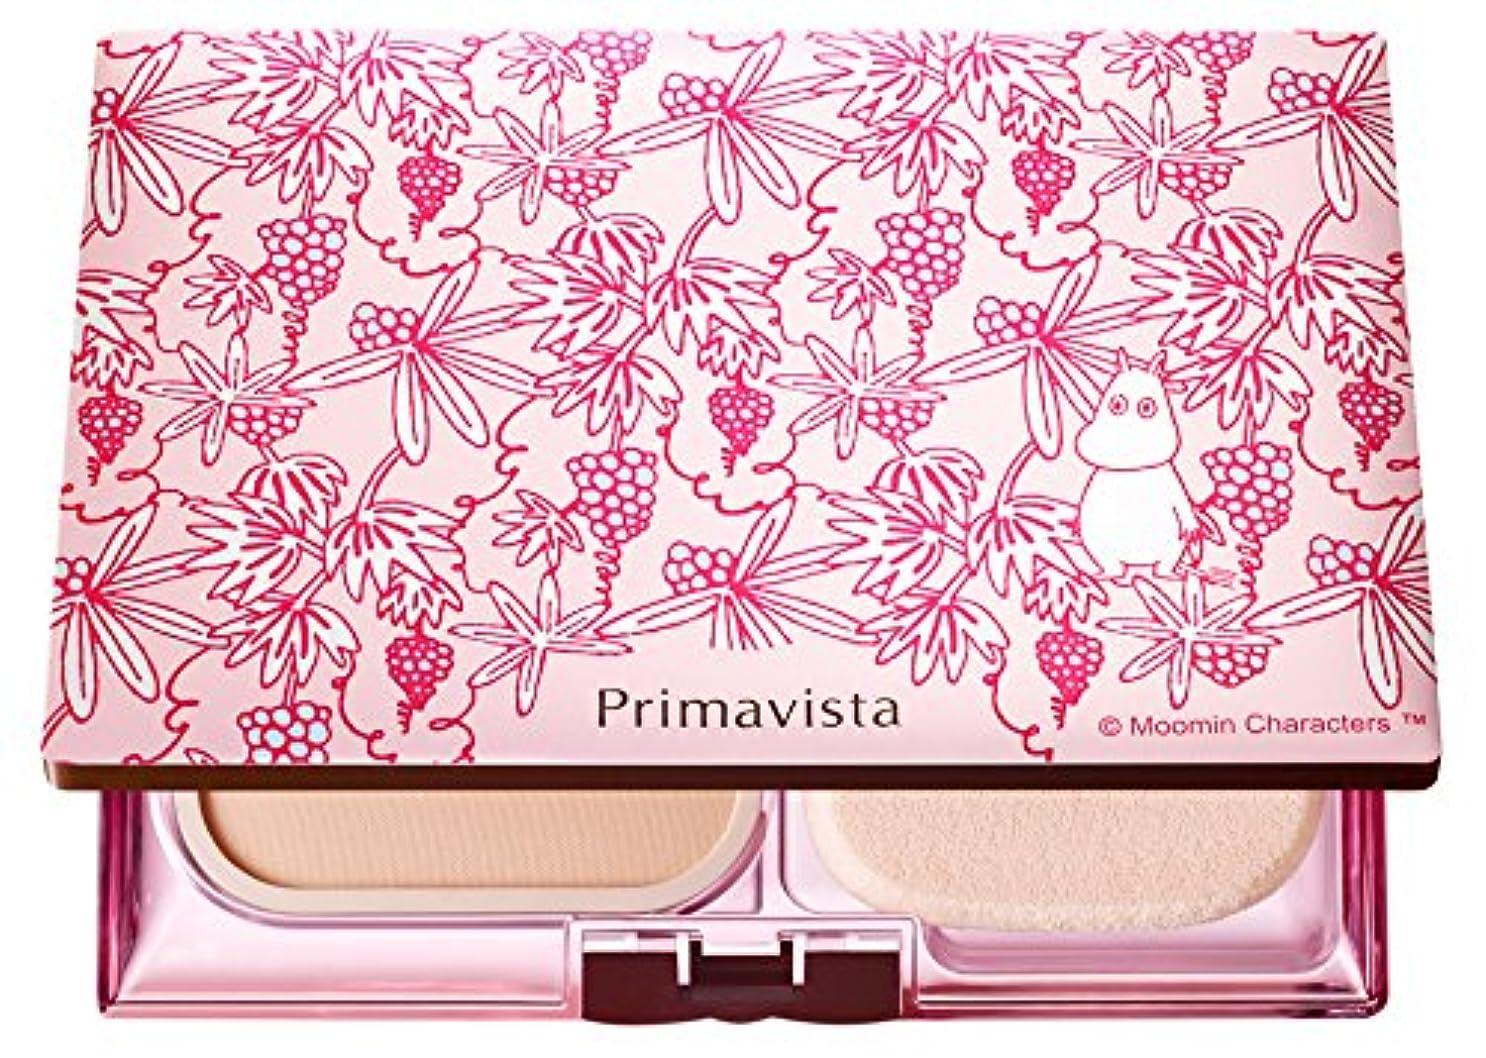 手入れキリン日の出ソフィーナ プリマヴィスタ きれいな素肌質感パウダーファンデーション(オークル05)+限定ムーミンデザインコンパクト 企画品